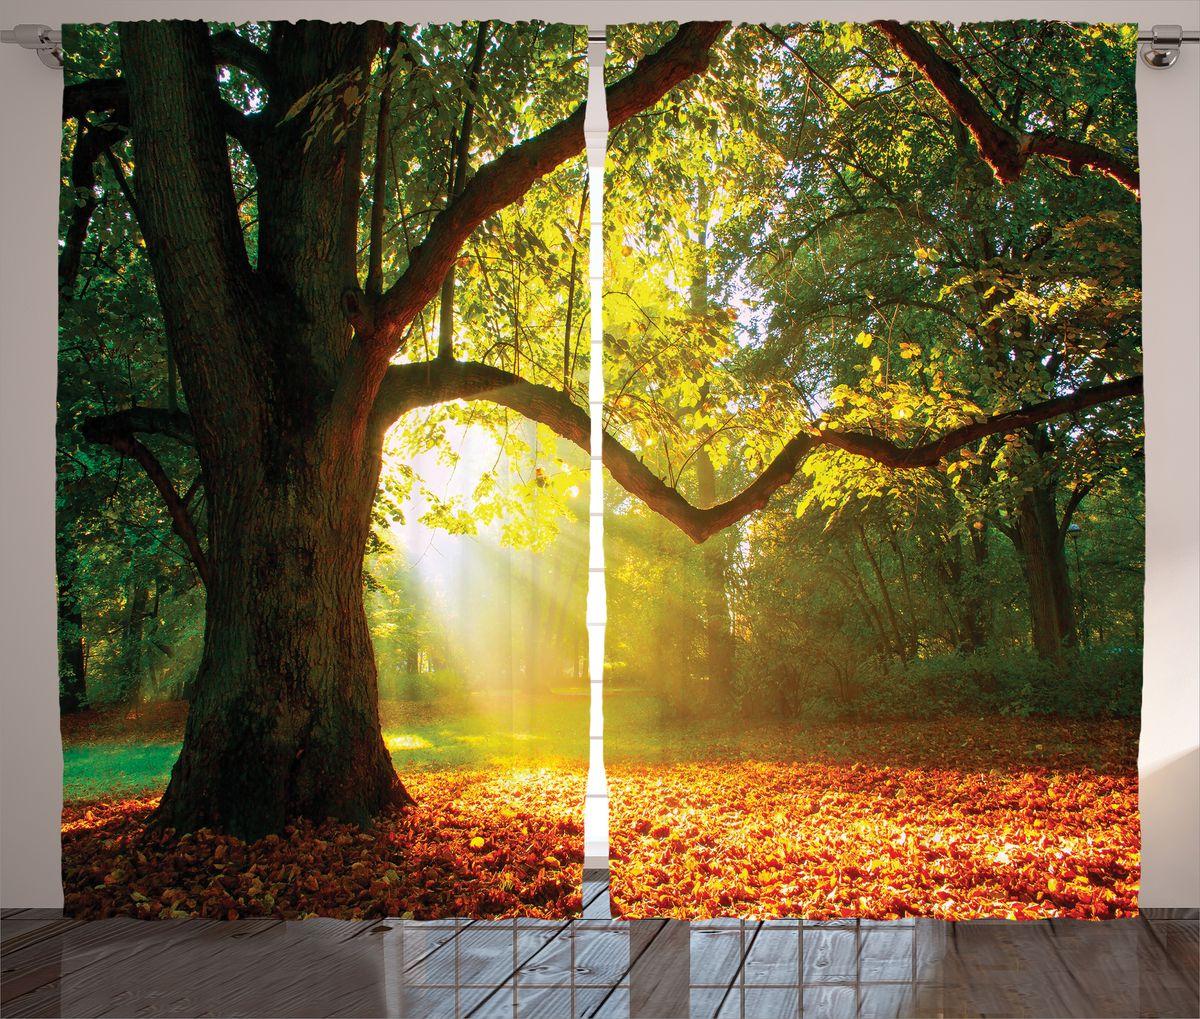 """Комплект фотоштор Magic Lady """"Старое дерево в солнечном свете"""", на ленте, высота 265 см. шсг_16589"""